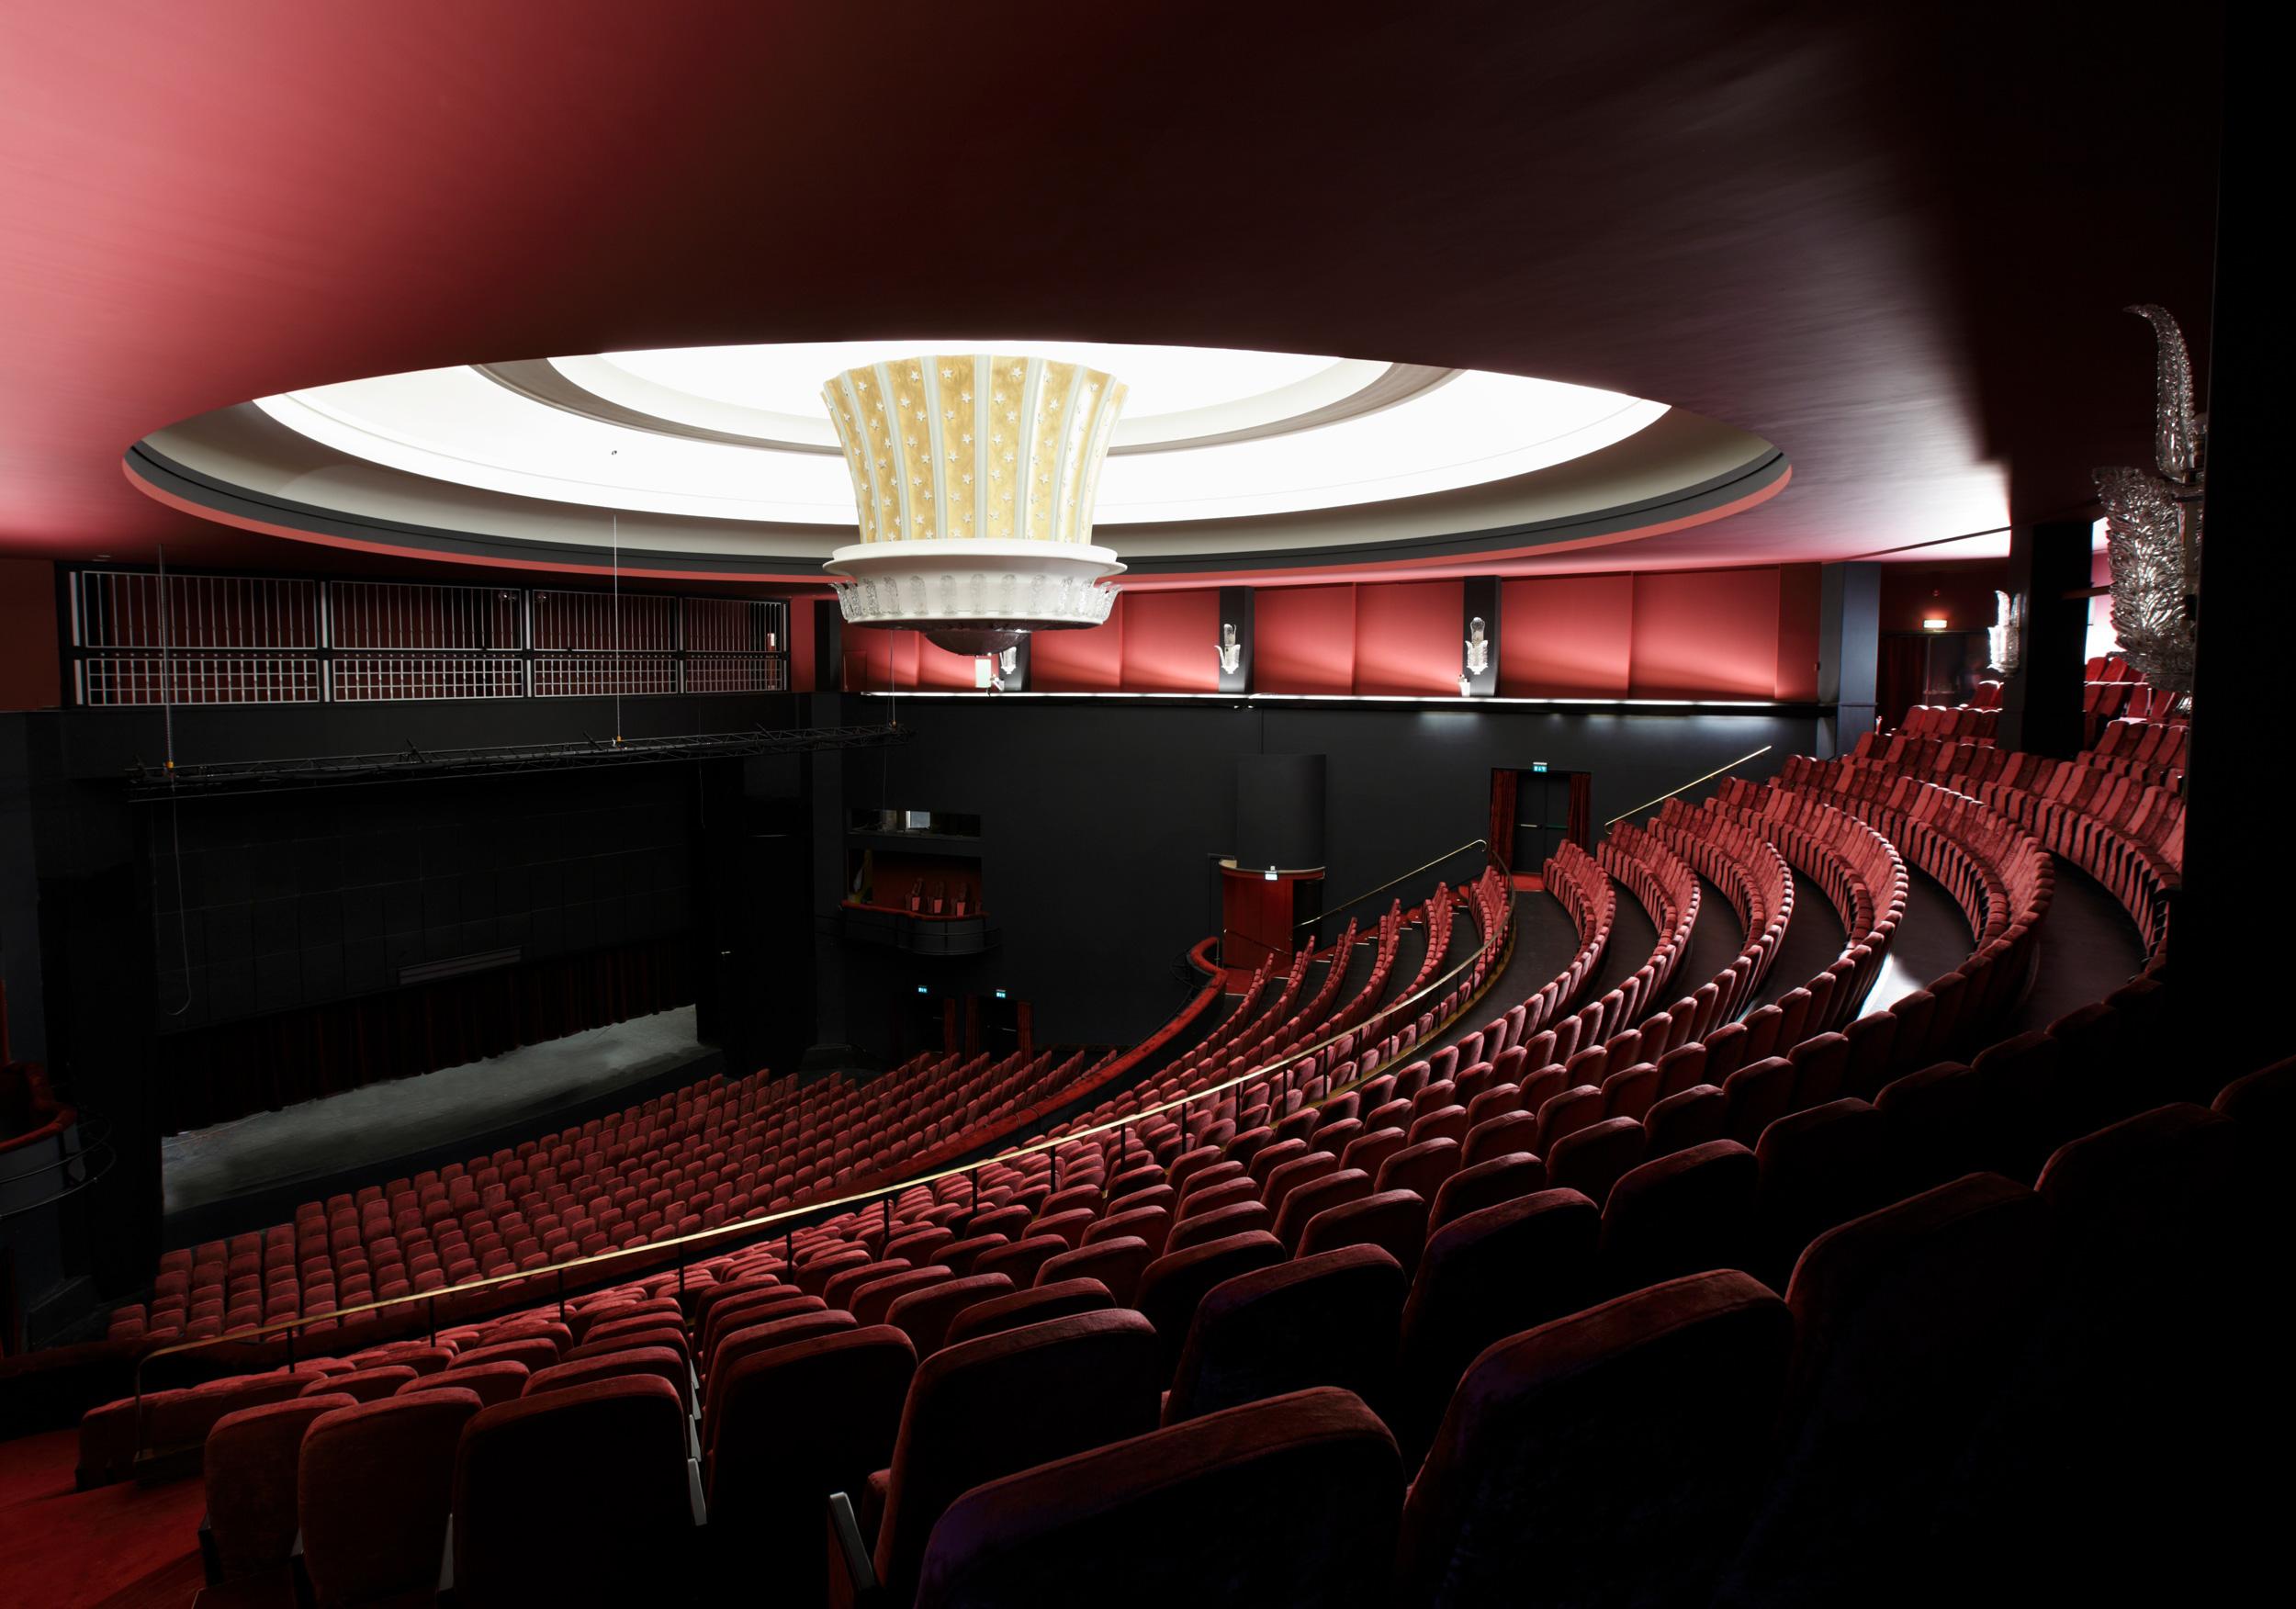 1918, 1935 & 2009 - Siden åpningen i 2009 har vi bl.a. spilt forestillingeneMAMMA MIA!, Buddy Holly, WE WILL ROCK YOU,Monty Python's SPAMALOT, My Fair Lady, Annie, Billy Elliot,De tre Musketerer, Mary Poppins, Singin´ in the Rain ogLes Misérables. Vi har under den samme perioden hatt besøk av nærmere 1.000.000 publikummere. I tillegg til forestillinger og show har vi også vært arena for mange store events ogTV-produksjoner.Velkommen til Folketeateret!